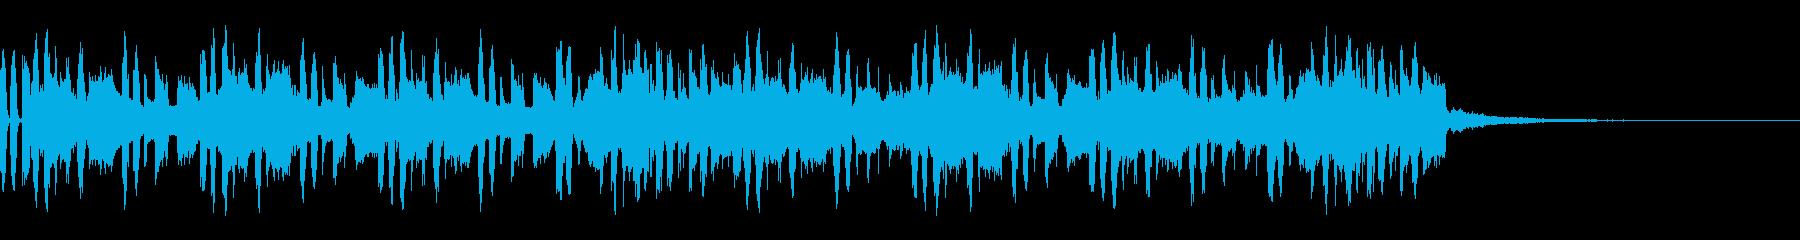 レトロ アクティブ 明るい ゆっく...の再生済みの波形